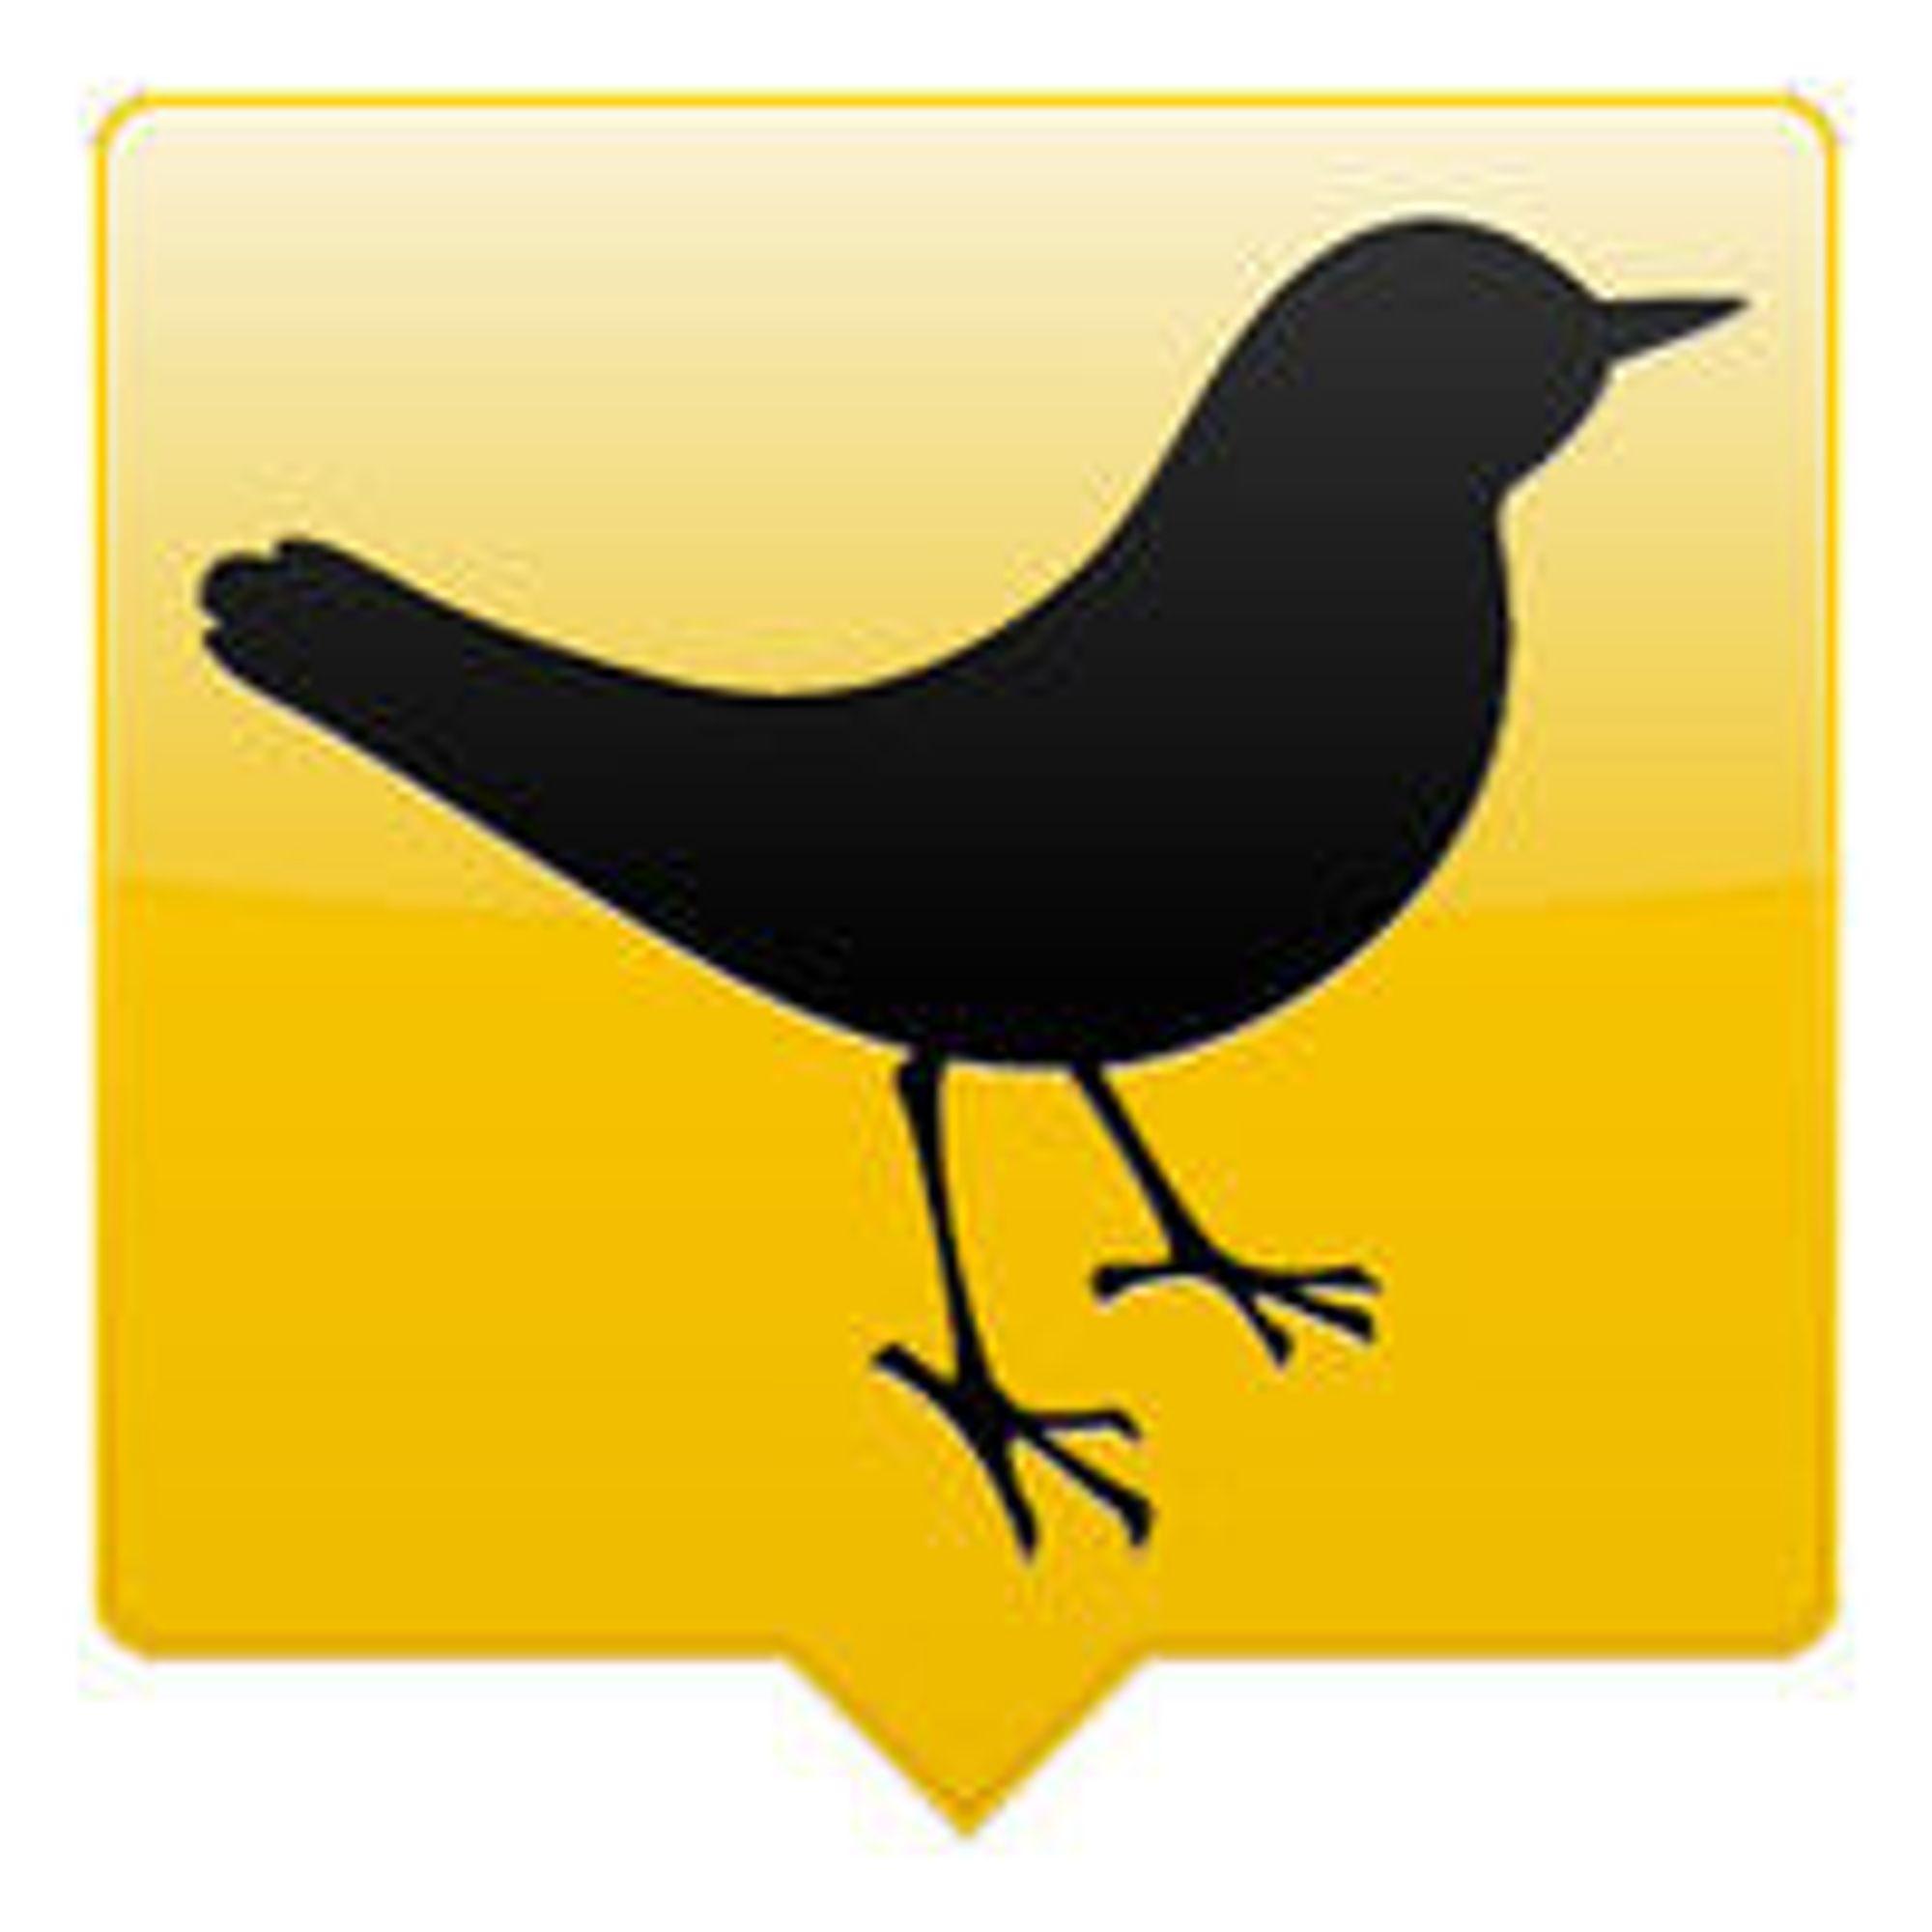 Tweetdeck-logoen vil antakelig leve videre.